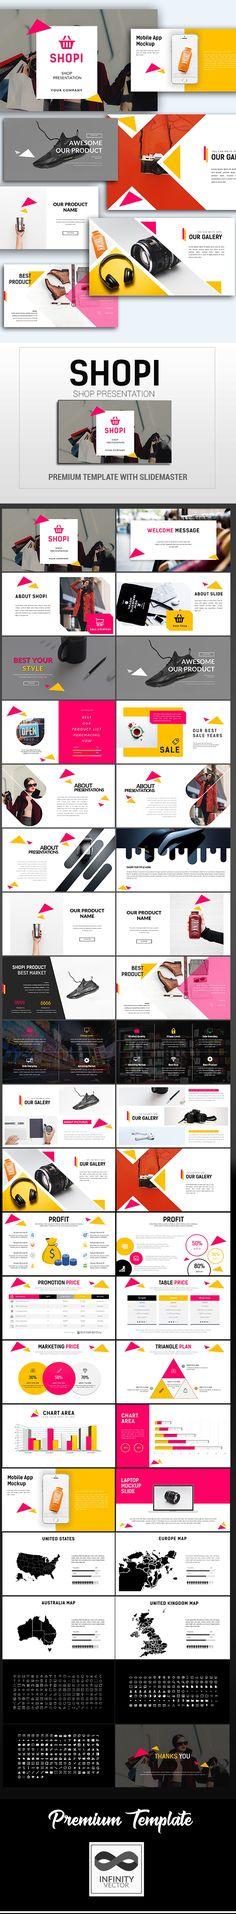 Shopi Shop Presentation Google Slide - #Google #Slides #Presentation Templates